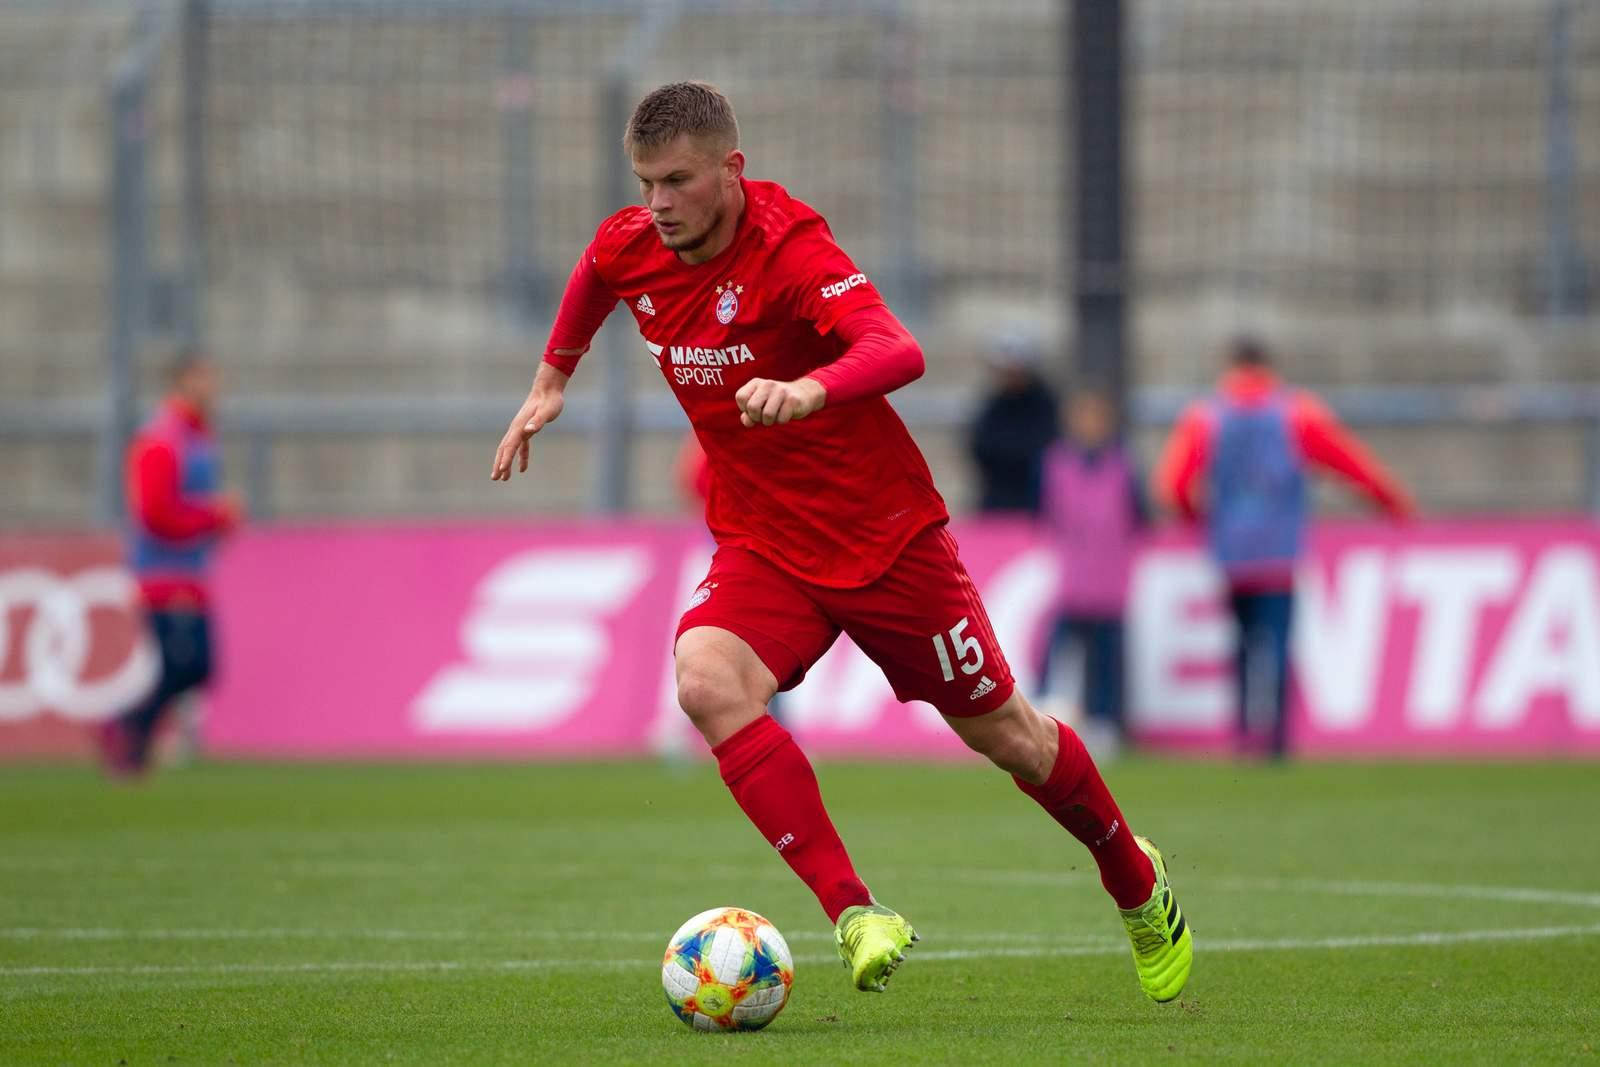 Lars Lukas Mai im Spiel gegen Braunschweig.